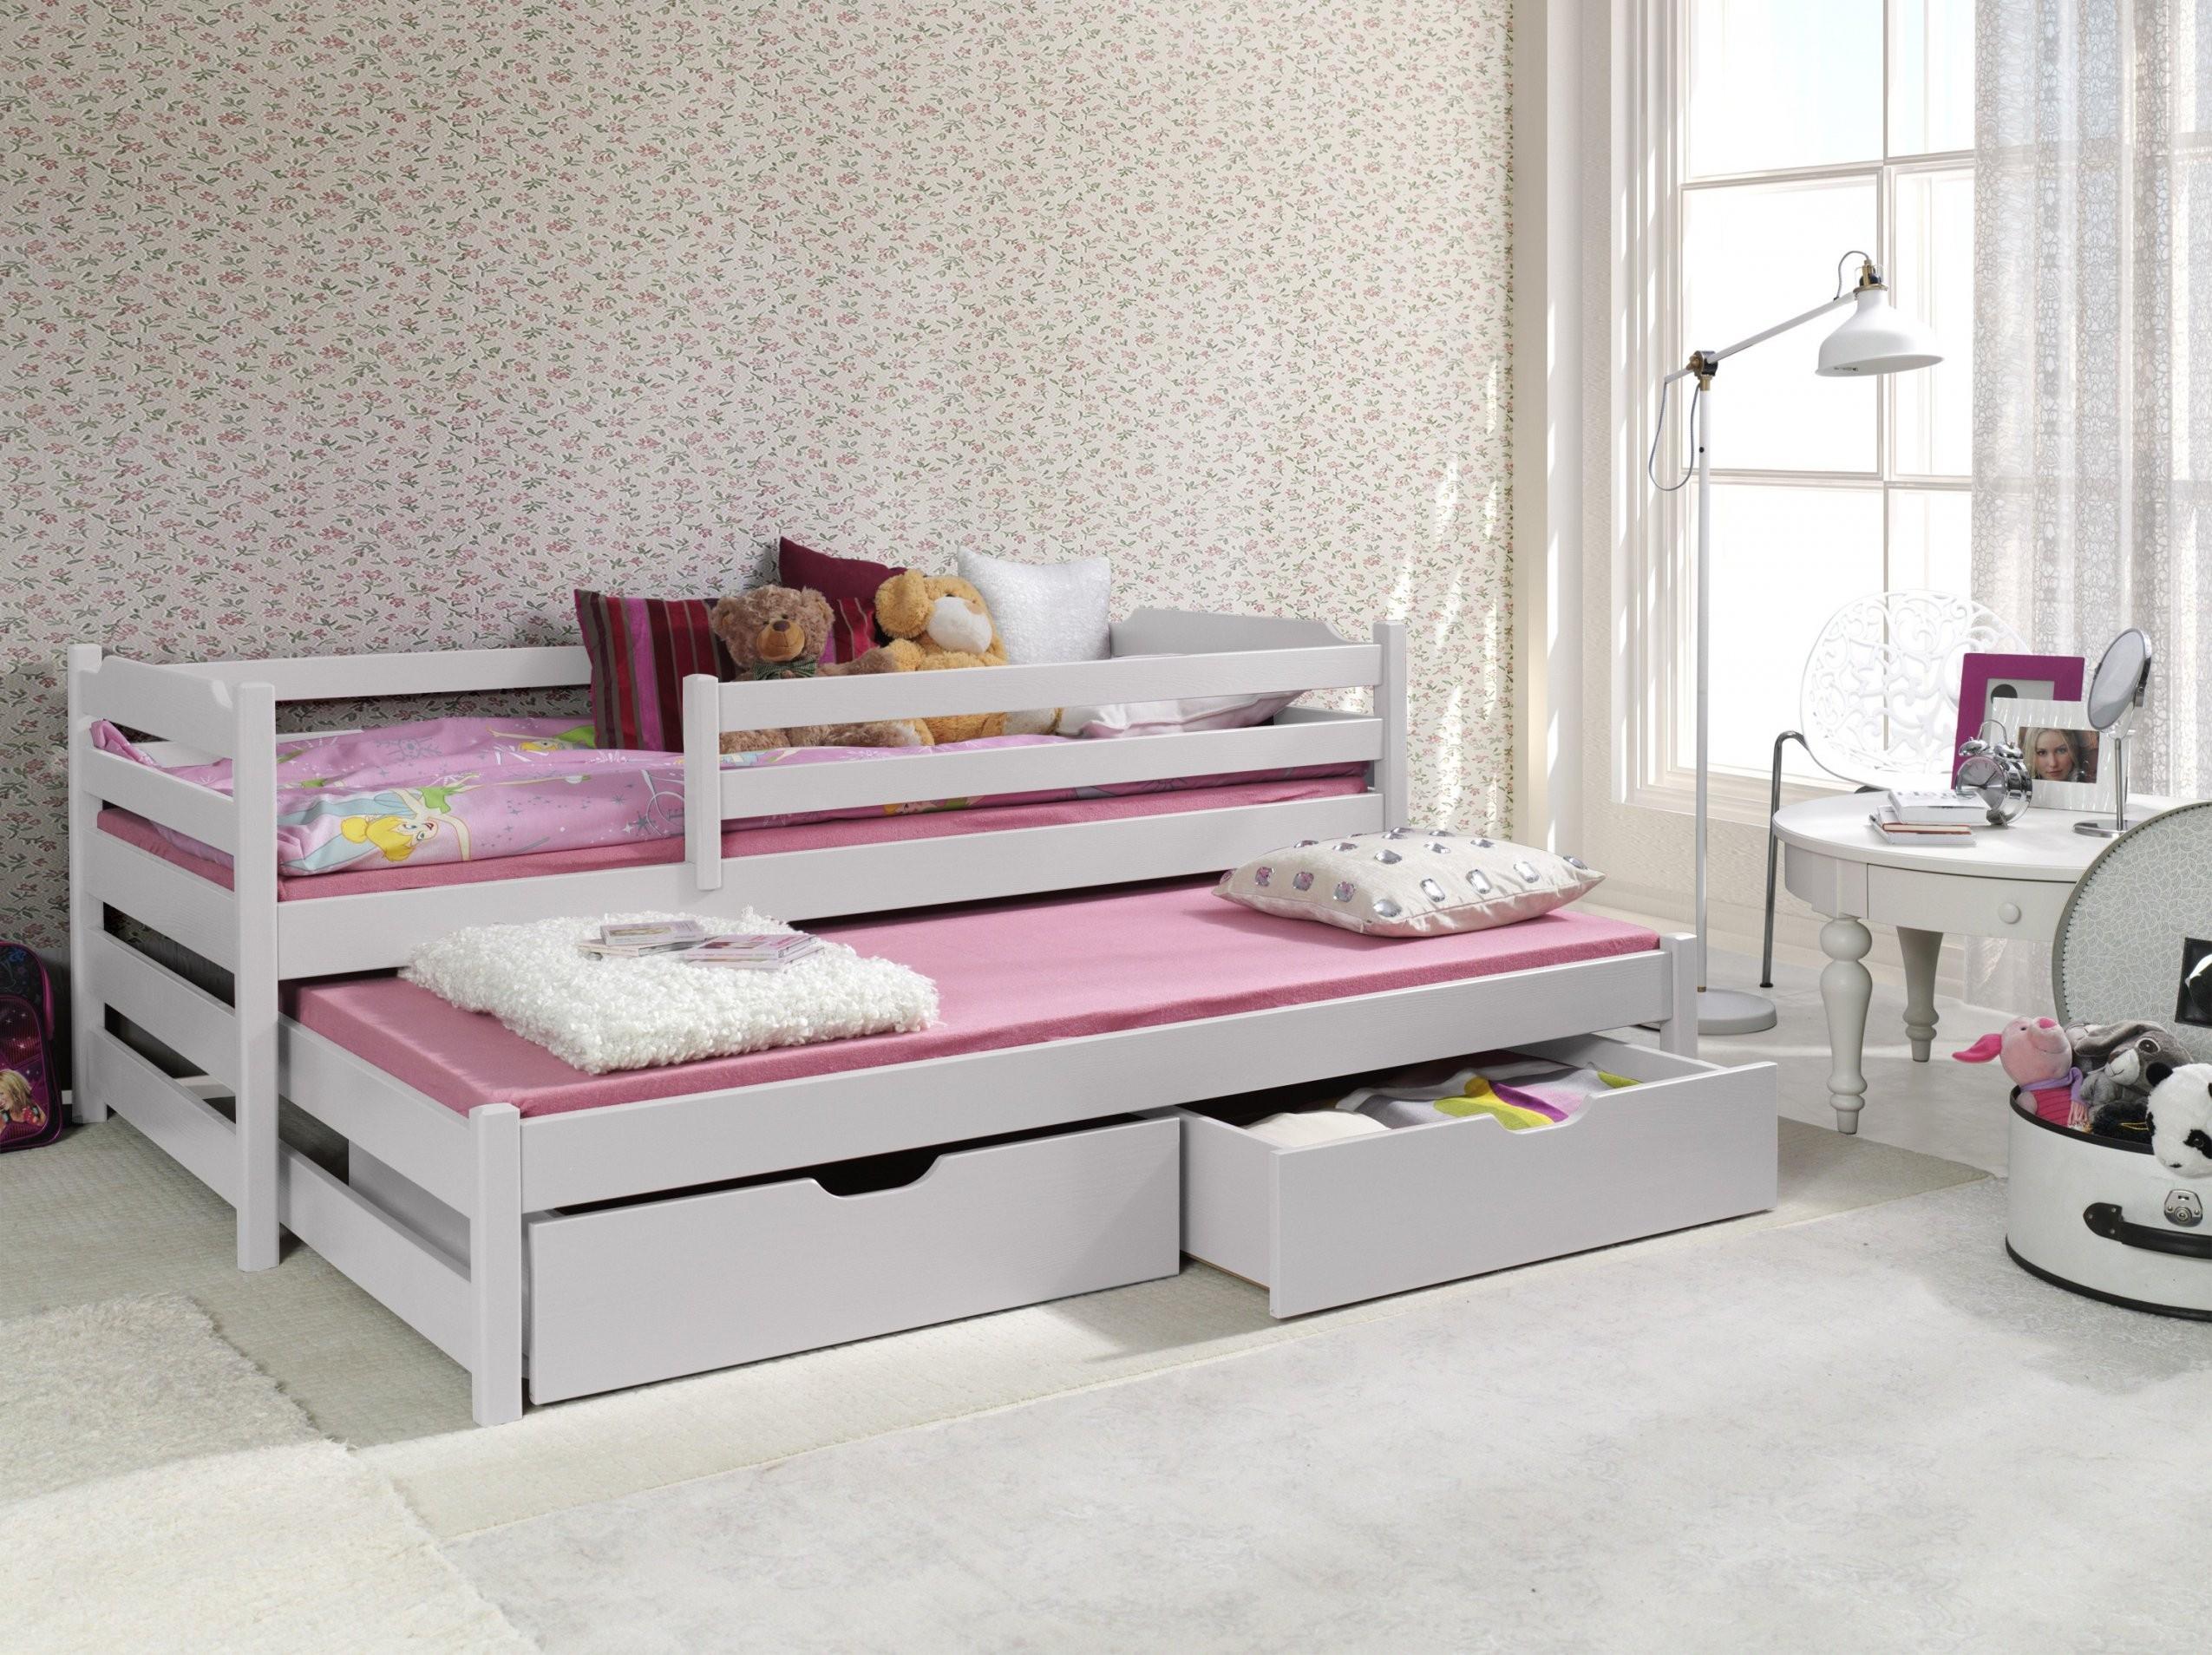 Ausziehbett Martin Ii Inkl Lattenroste Matratzen Und Zwei von Bett Mit Ausziehbett Und Schubladen Bild